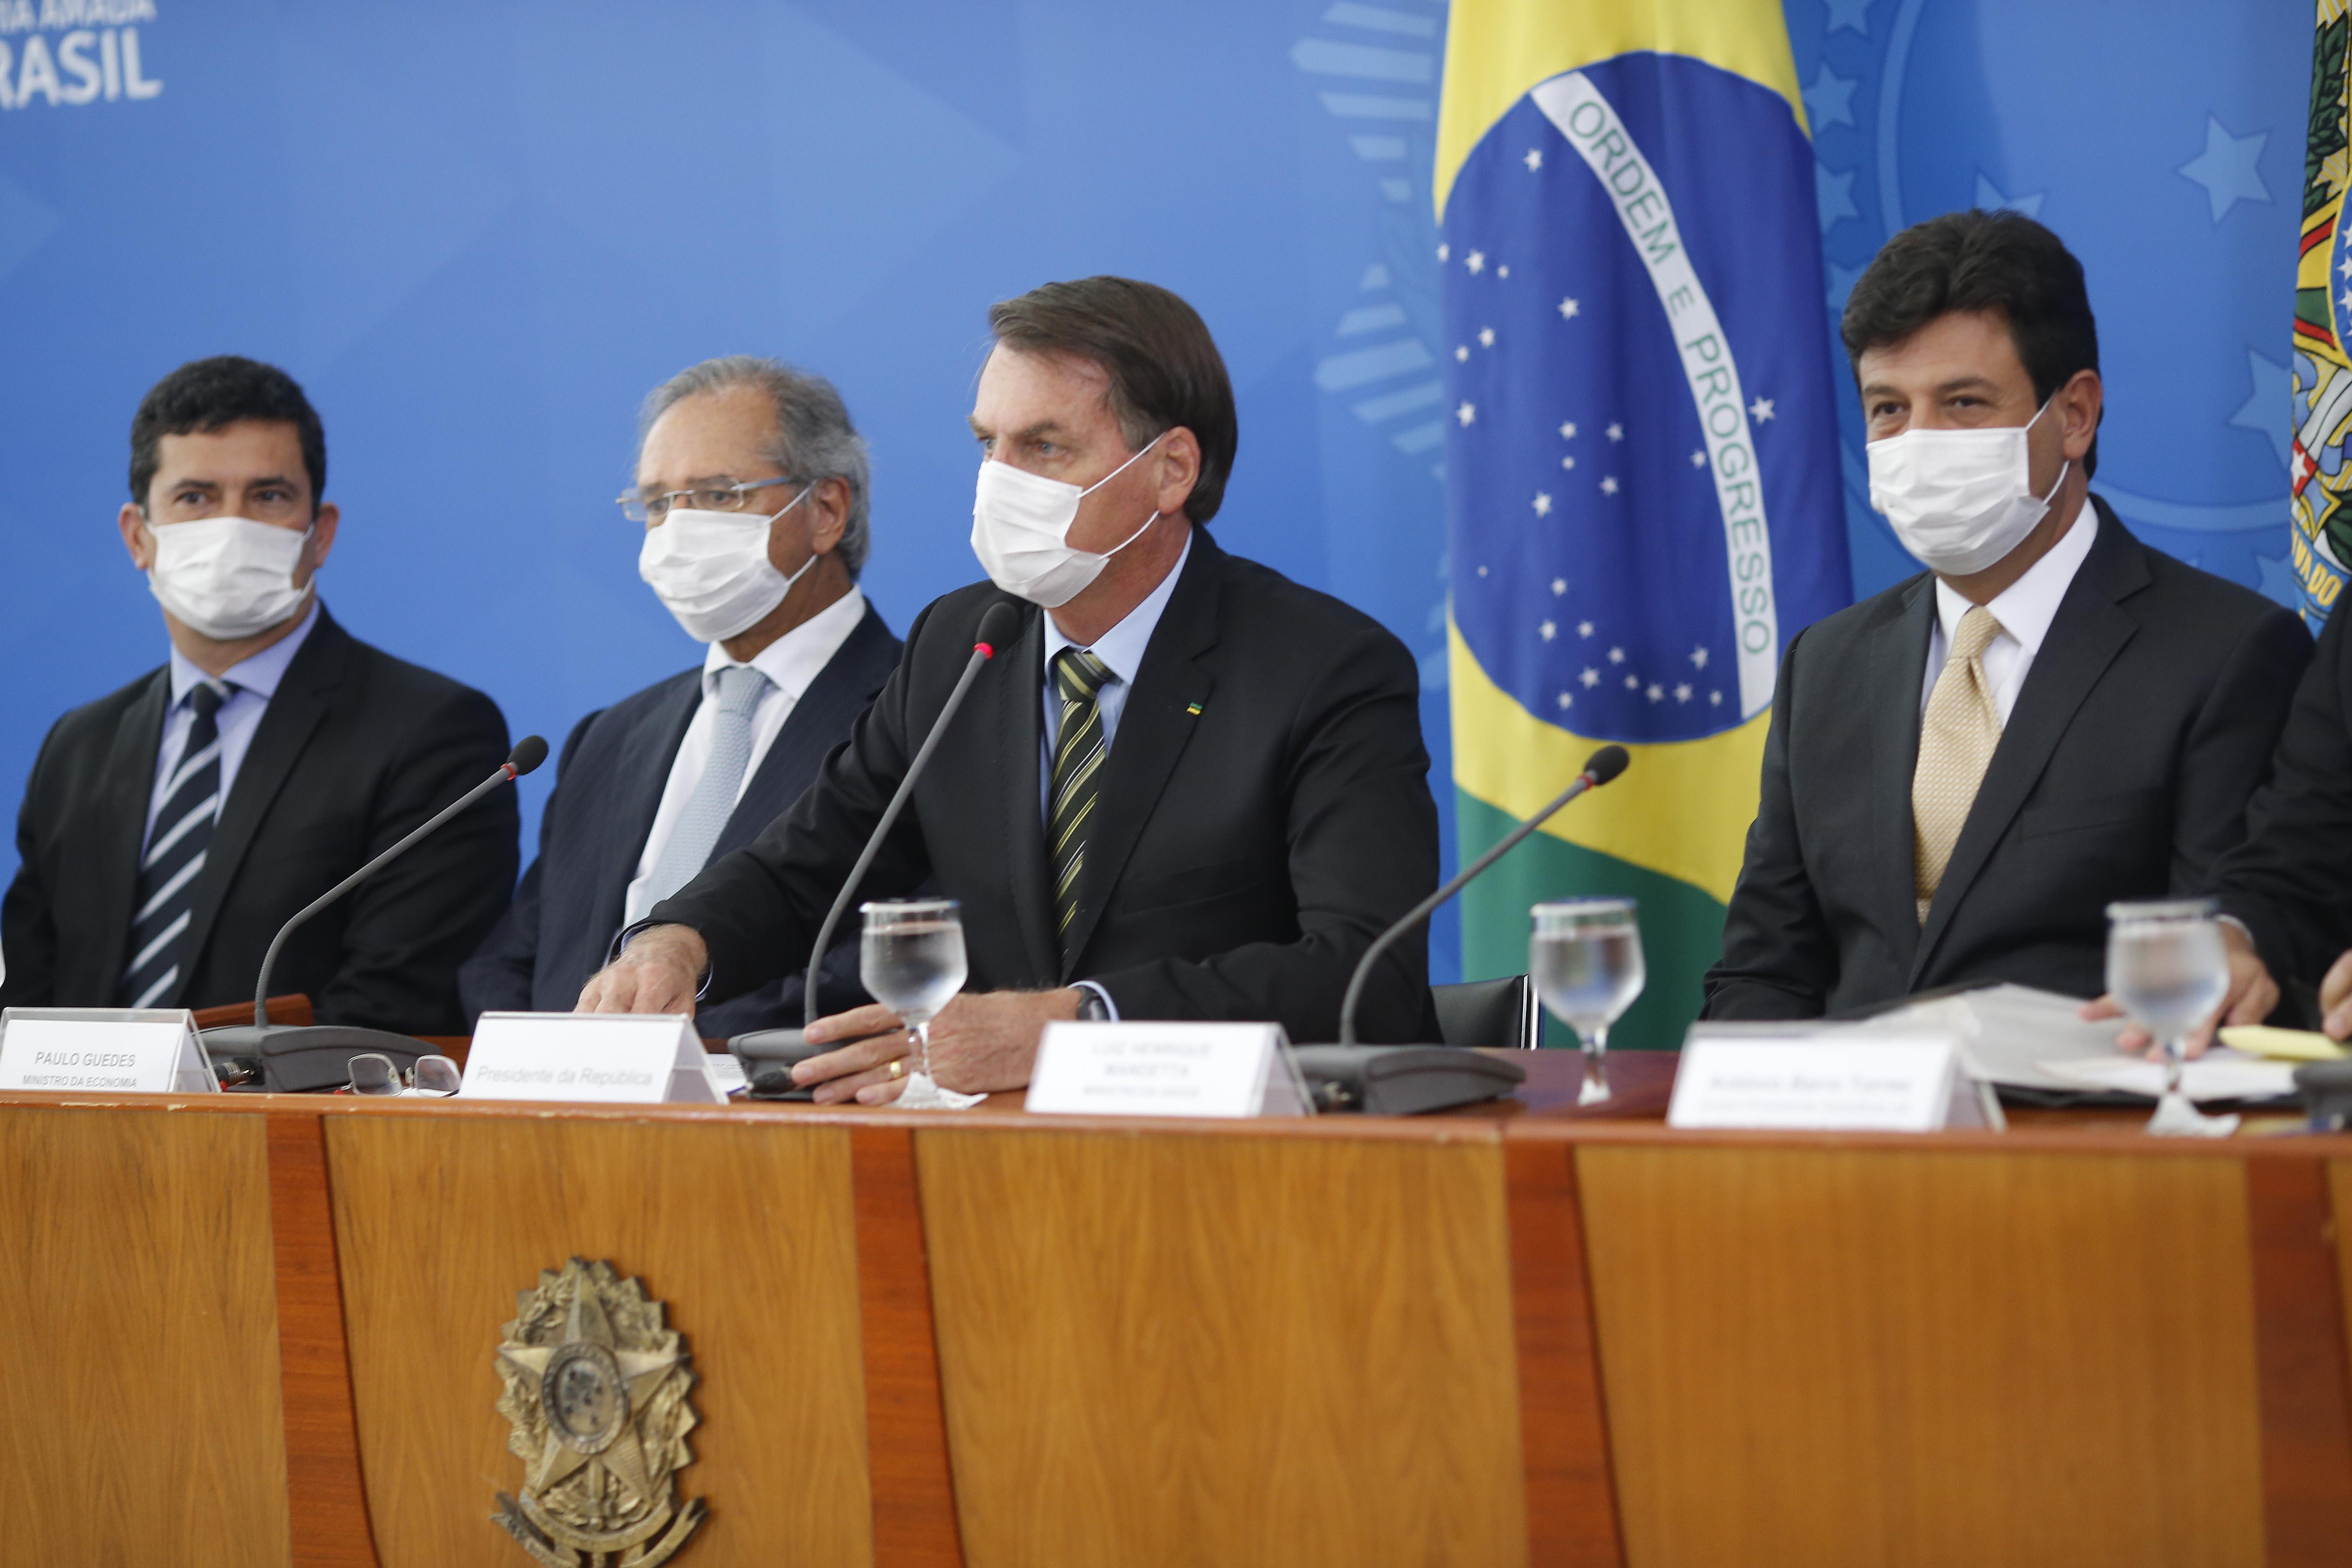 IMAGEM: Mandetta sobe, Bolsonaro desce